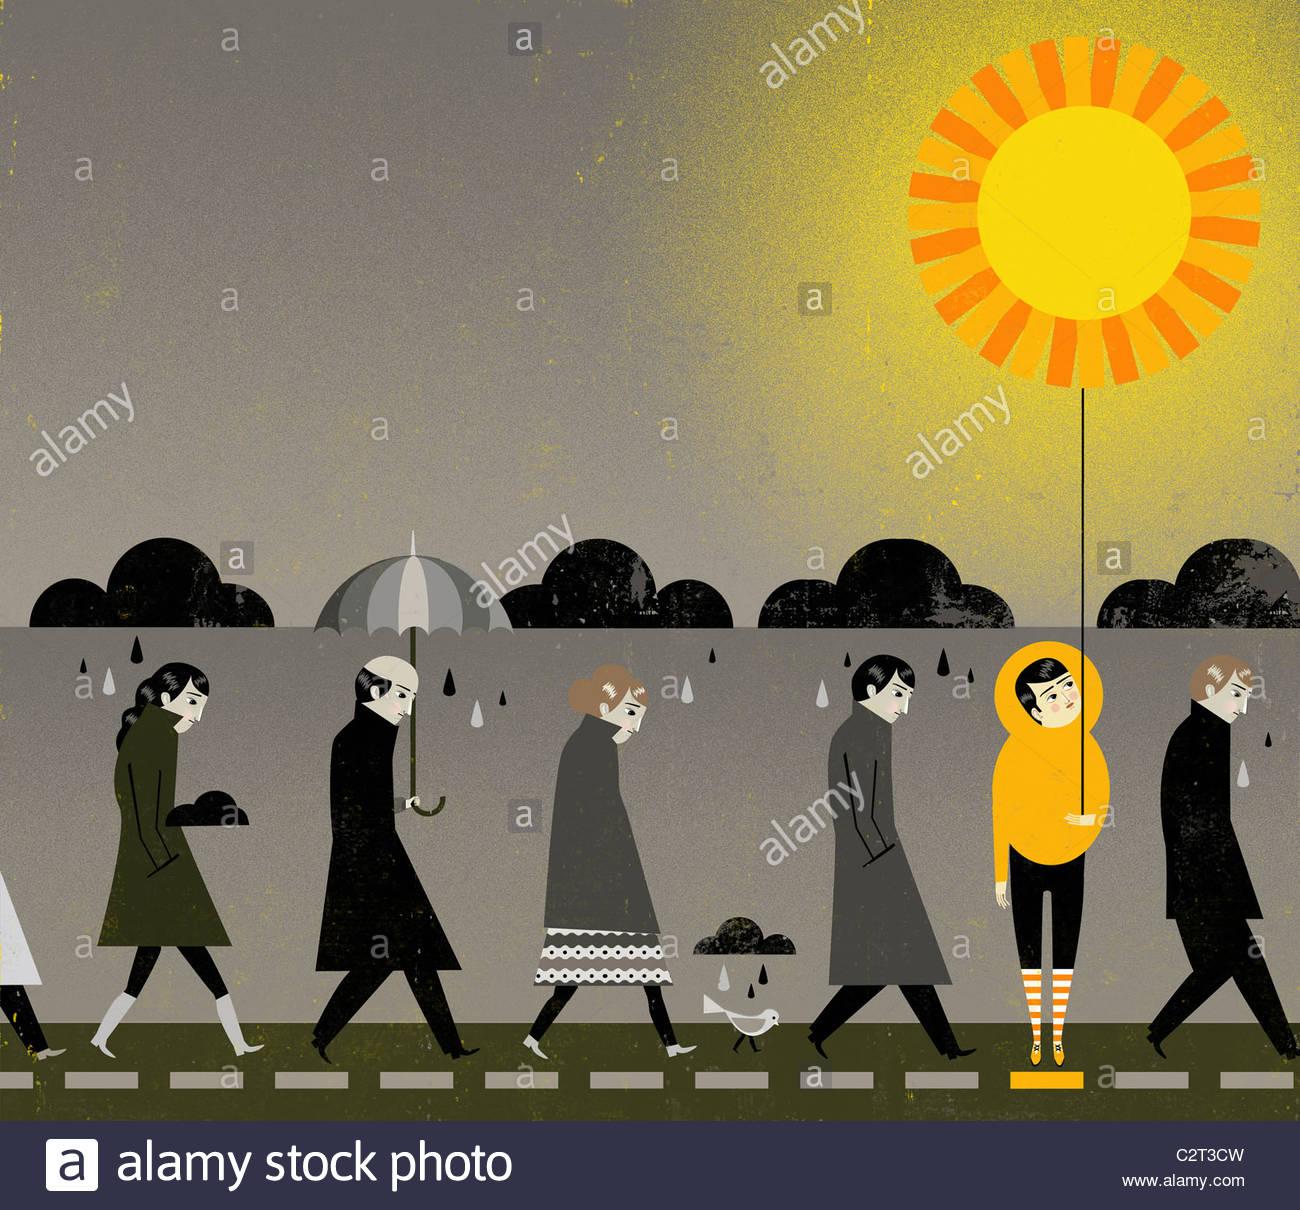 La gente bajo las nubes de lluvia, una celebración sun con forma de globo Imagen De Stock